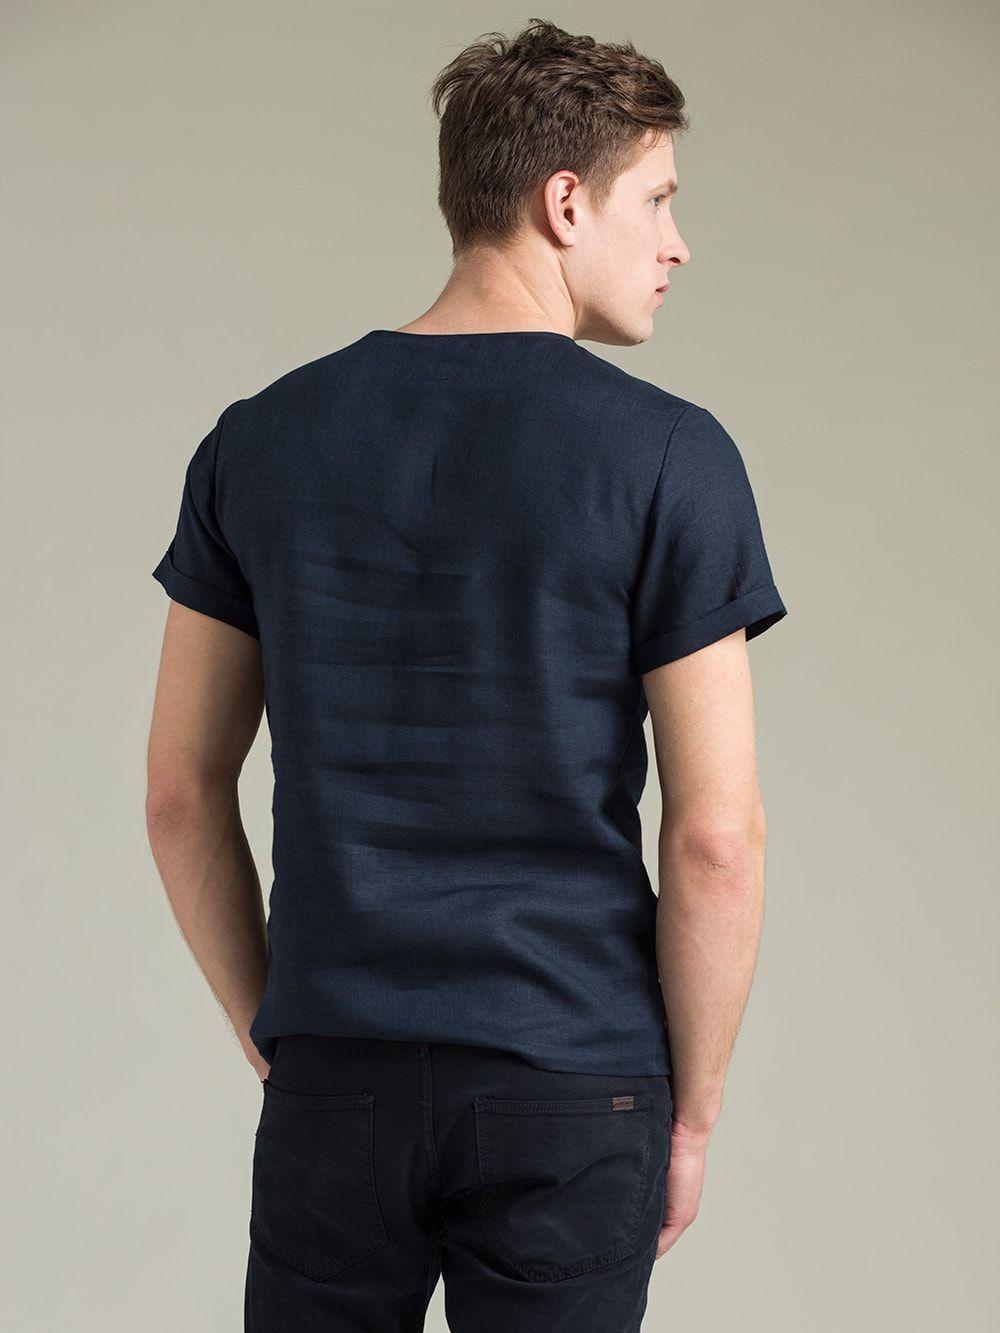 Купити чоловічу футболку в Києві 6889f84c046e8